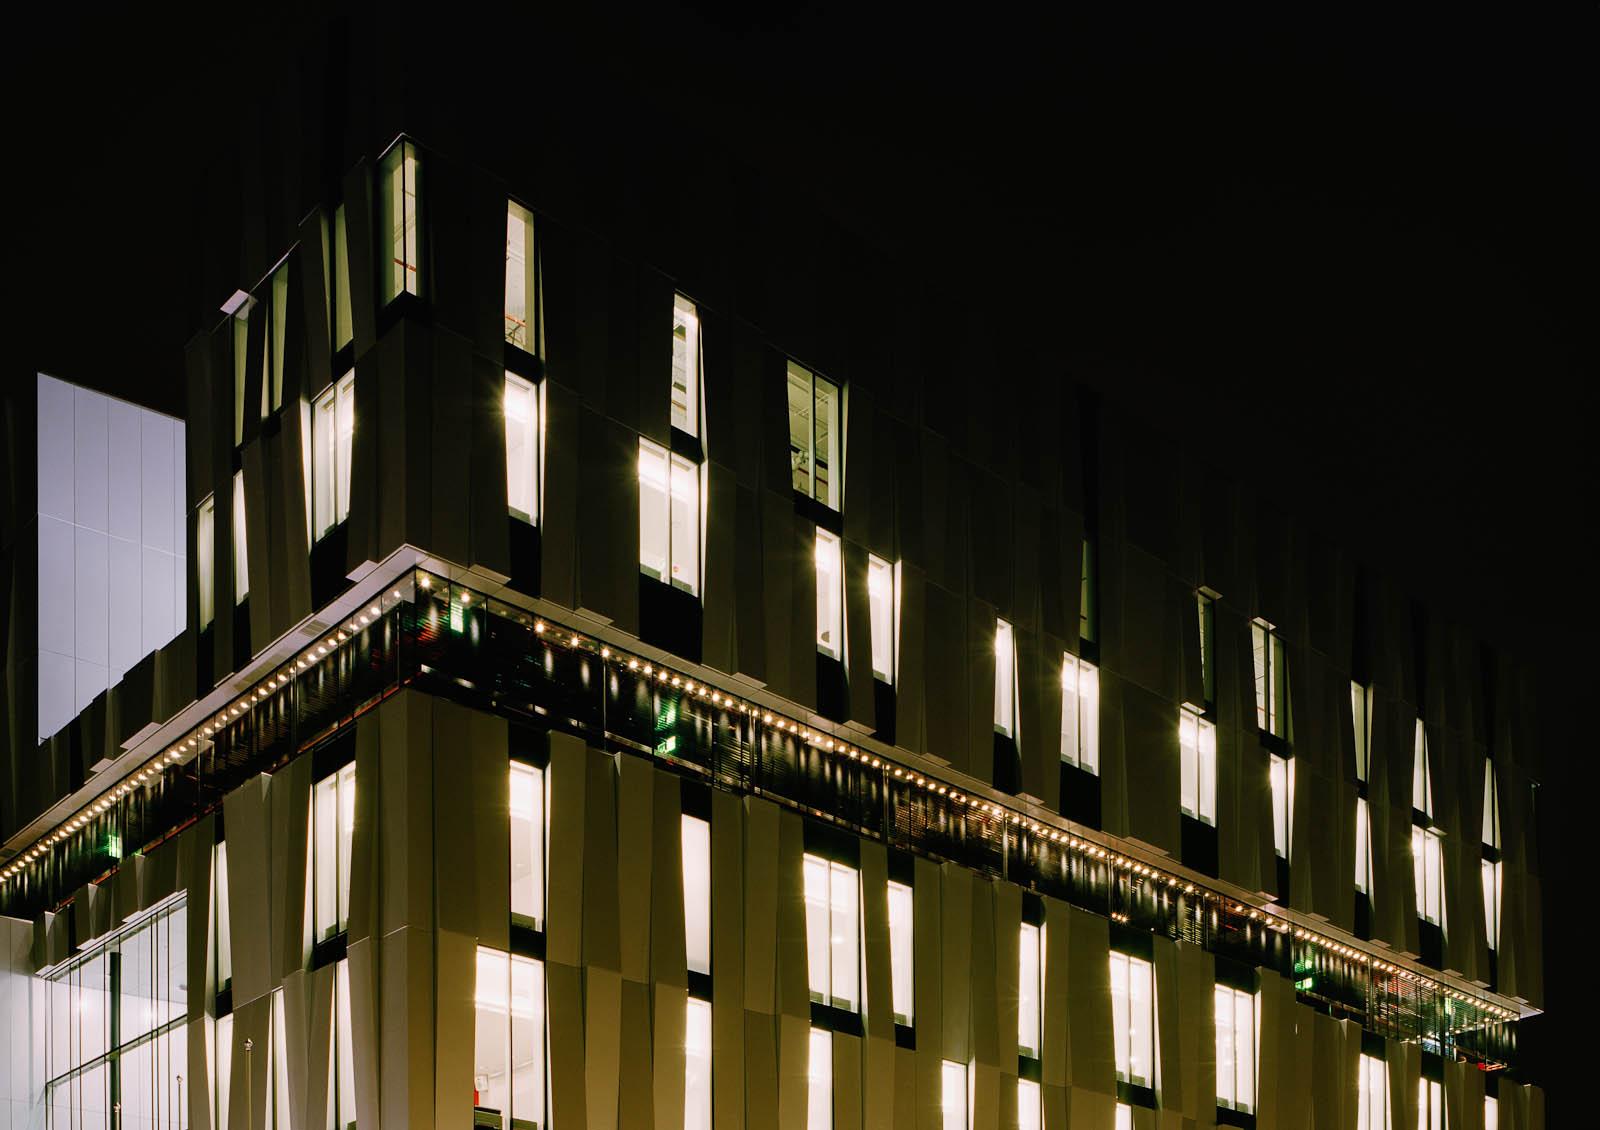 Del av husfasad med lampor. Katarina Löfström, Coloratura